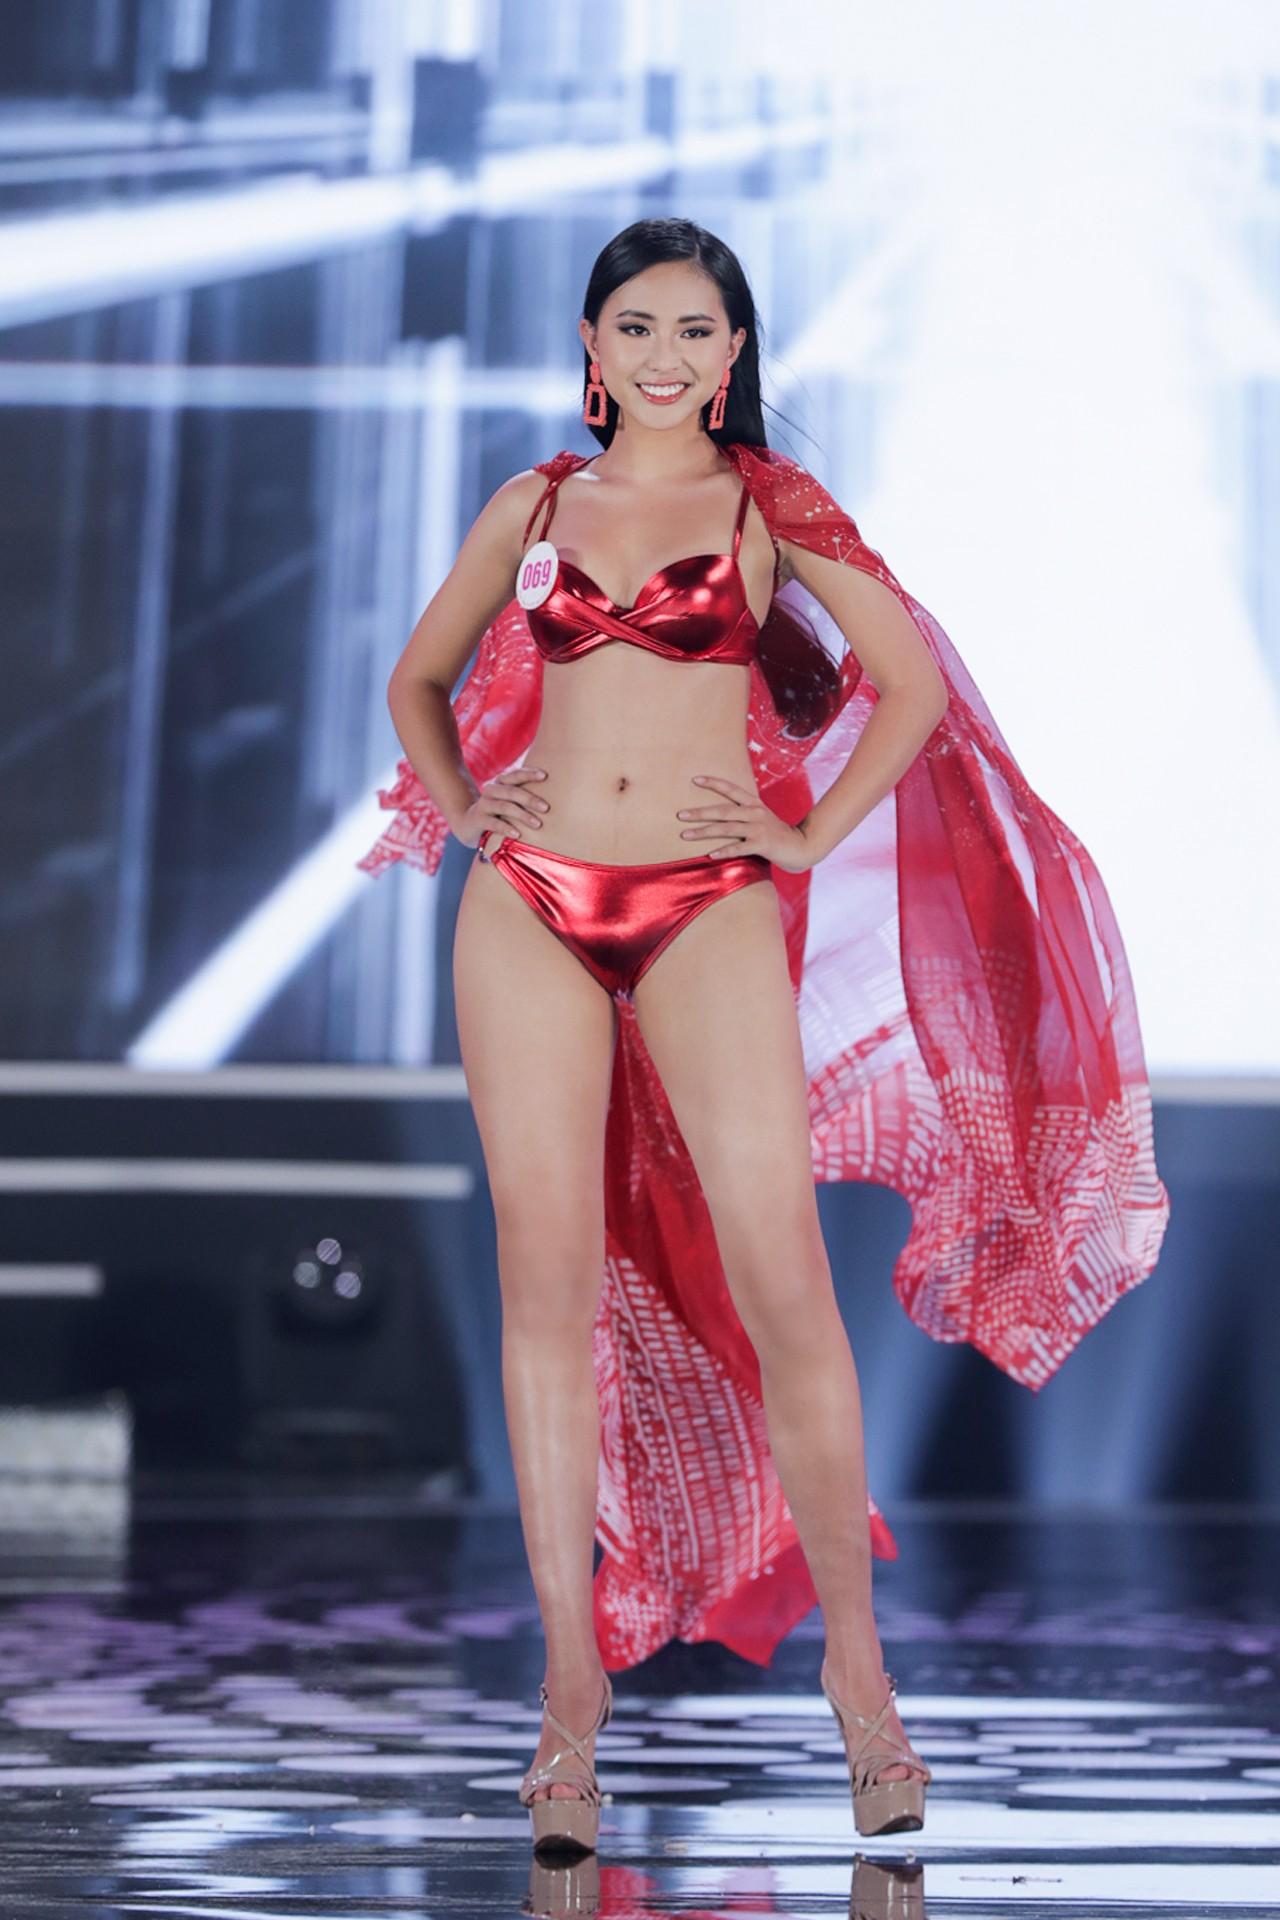 Profile cực ấn tượng của Người đẹp Thể thao Phù Bảo Nghi, từng đạt 10 huy chương bơi lội ảnh 8